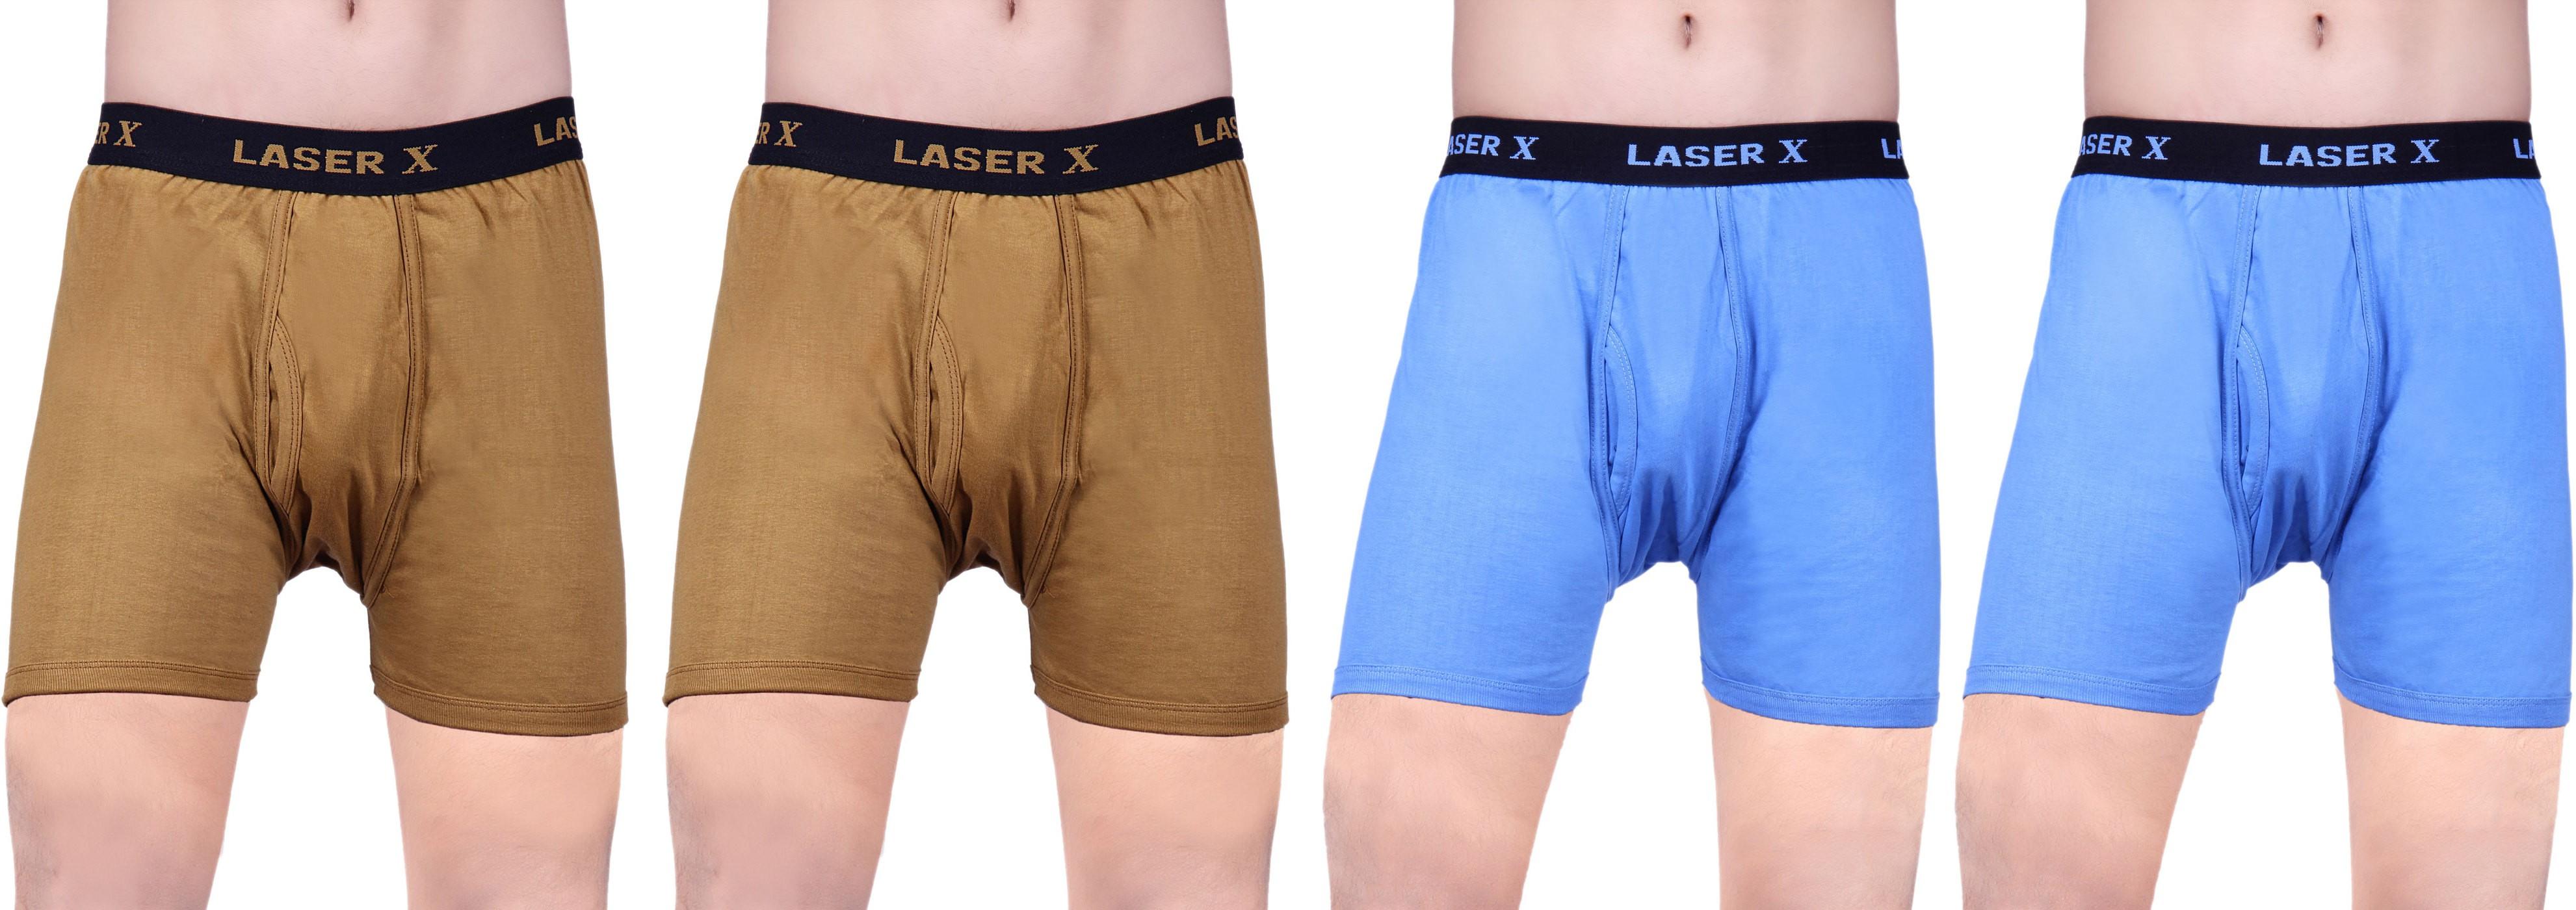 Laser X Super H Mens Trunks